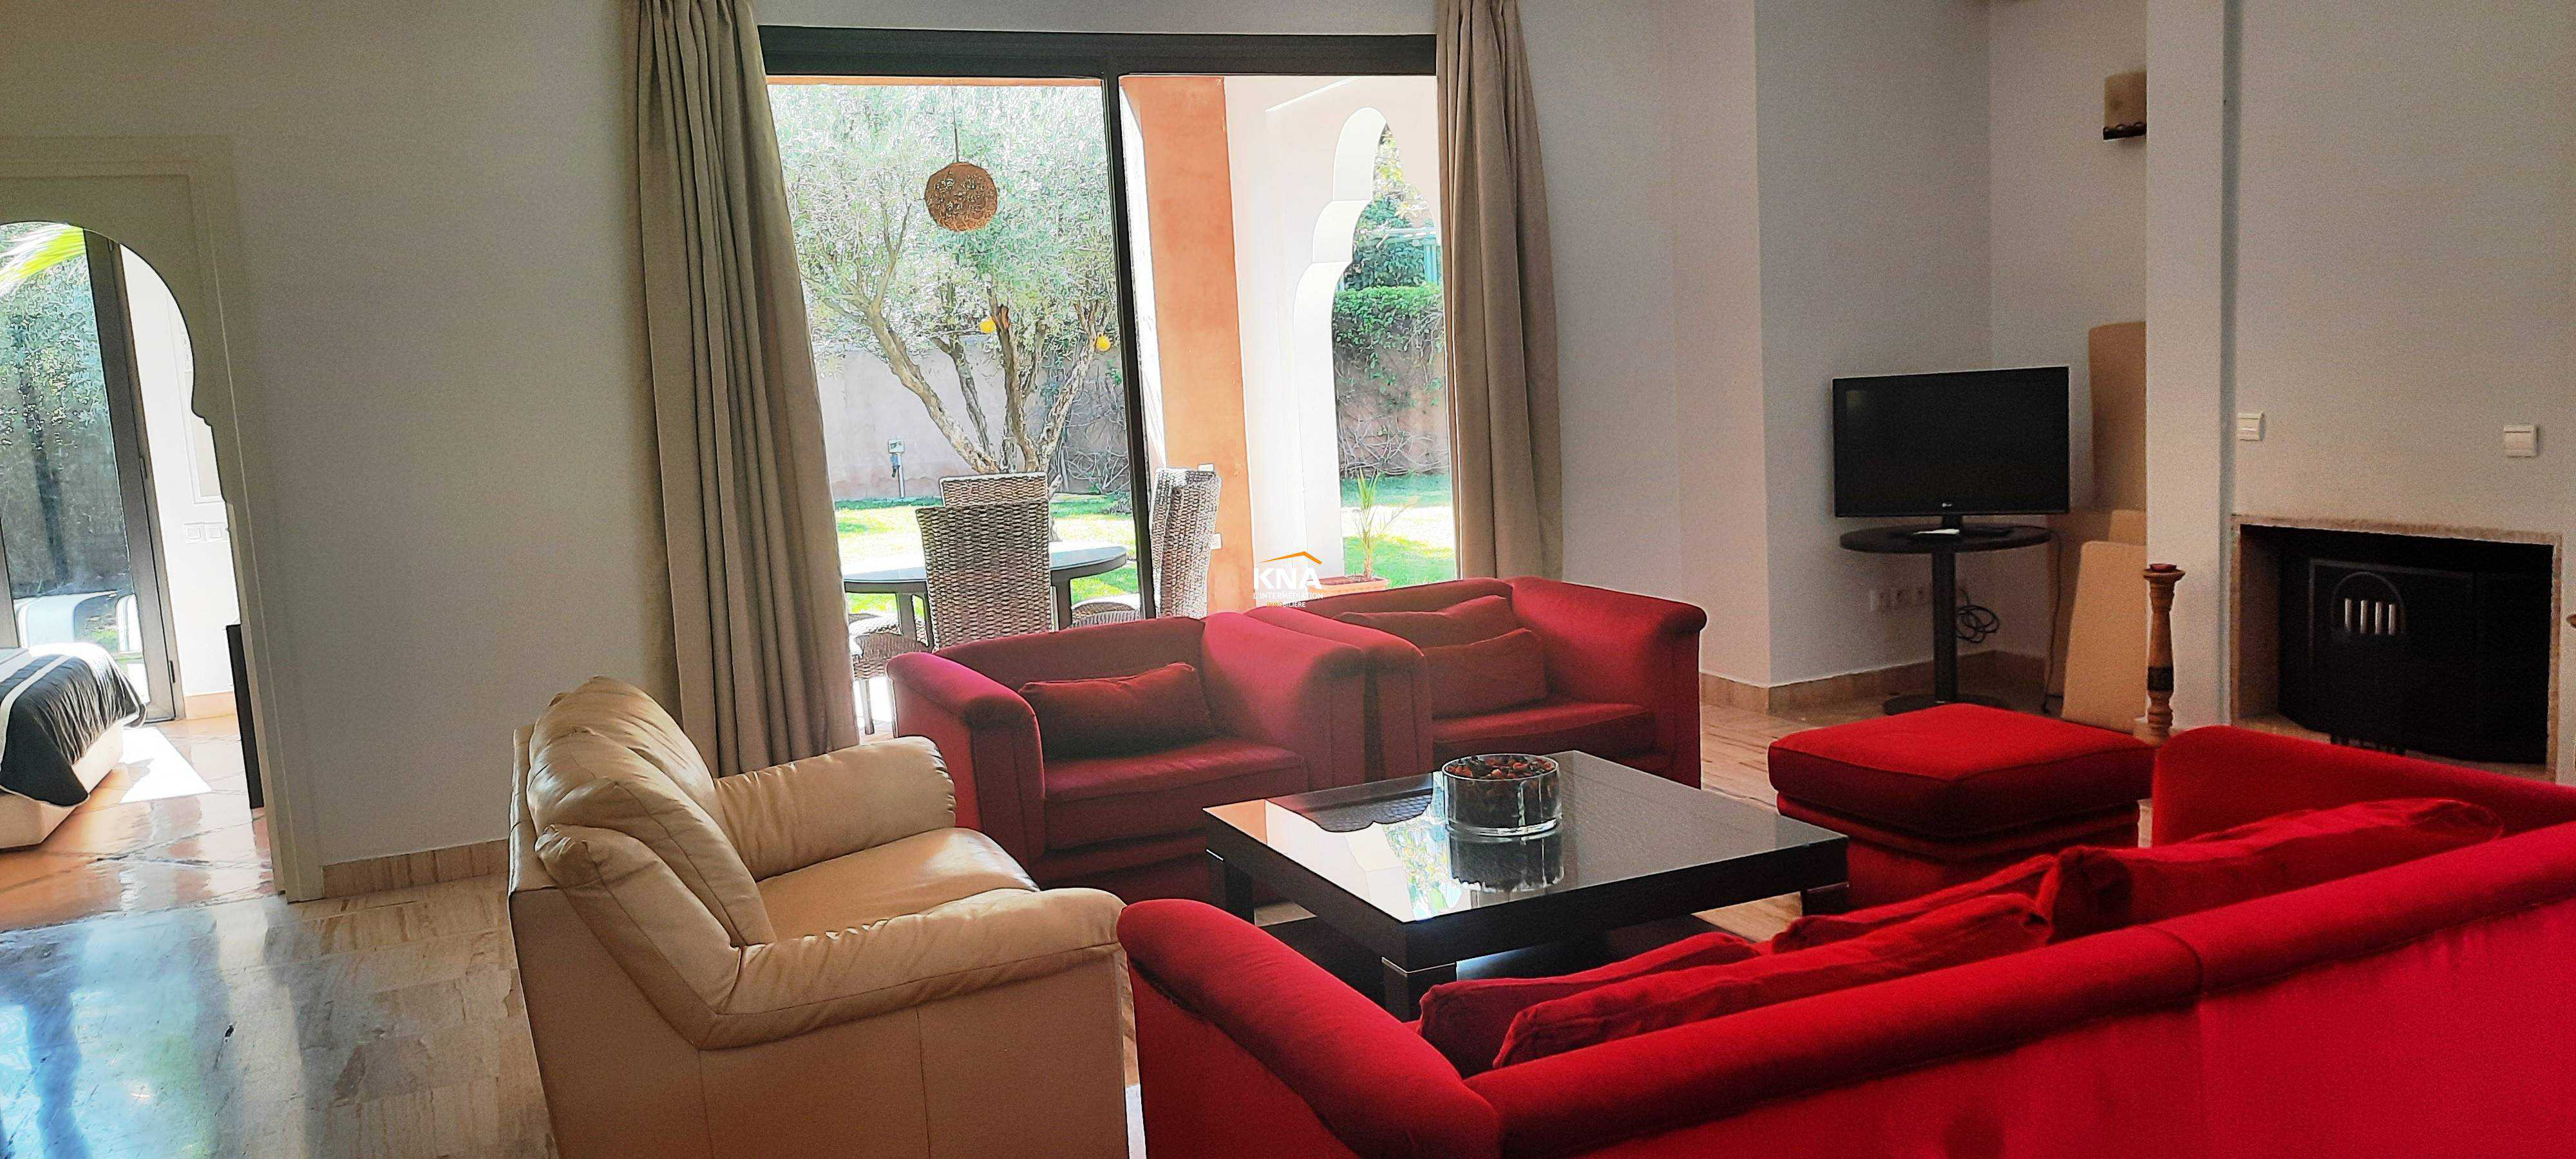 Appartement à Location longue durée à Agdal Marrakech